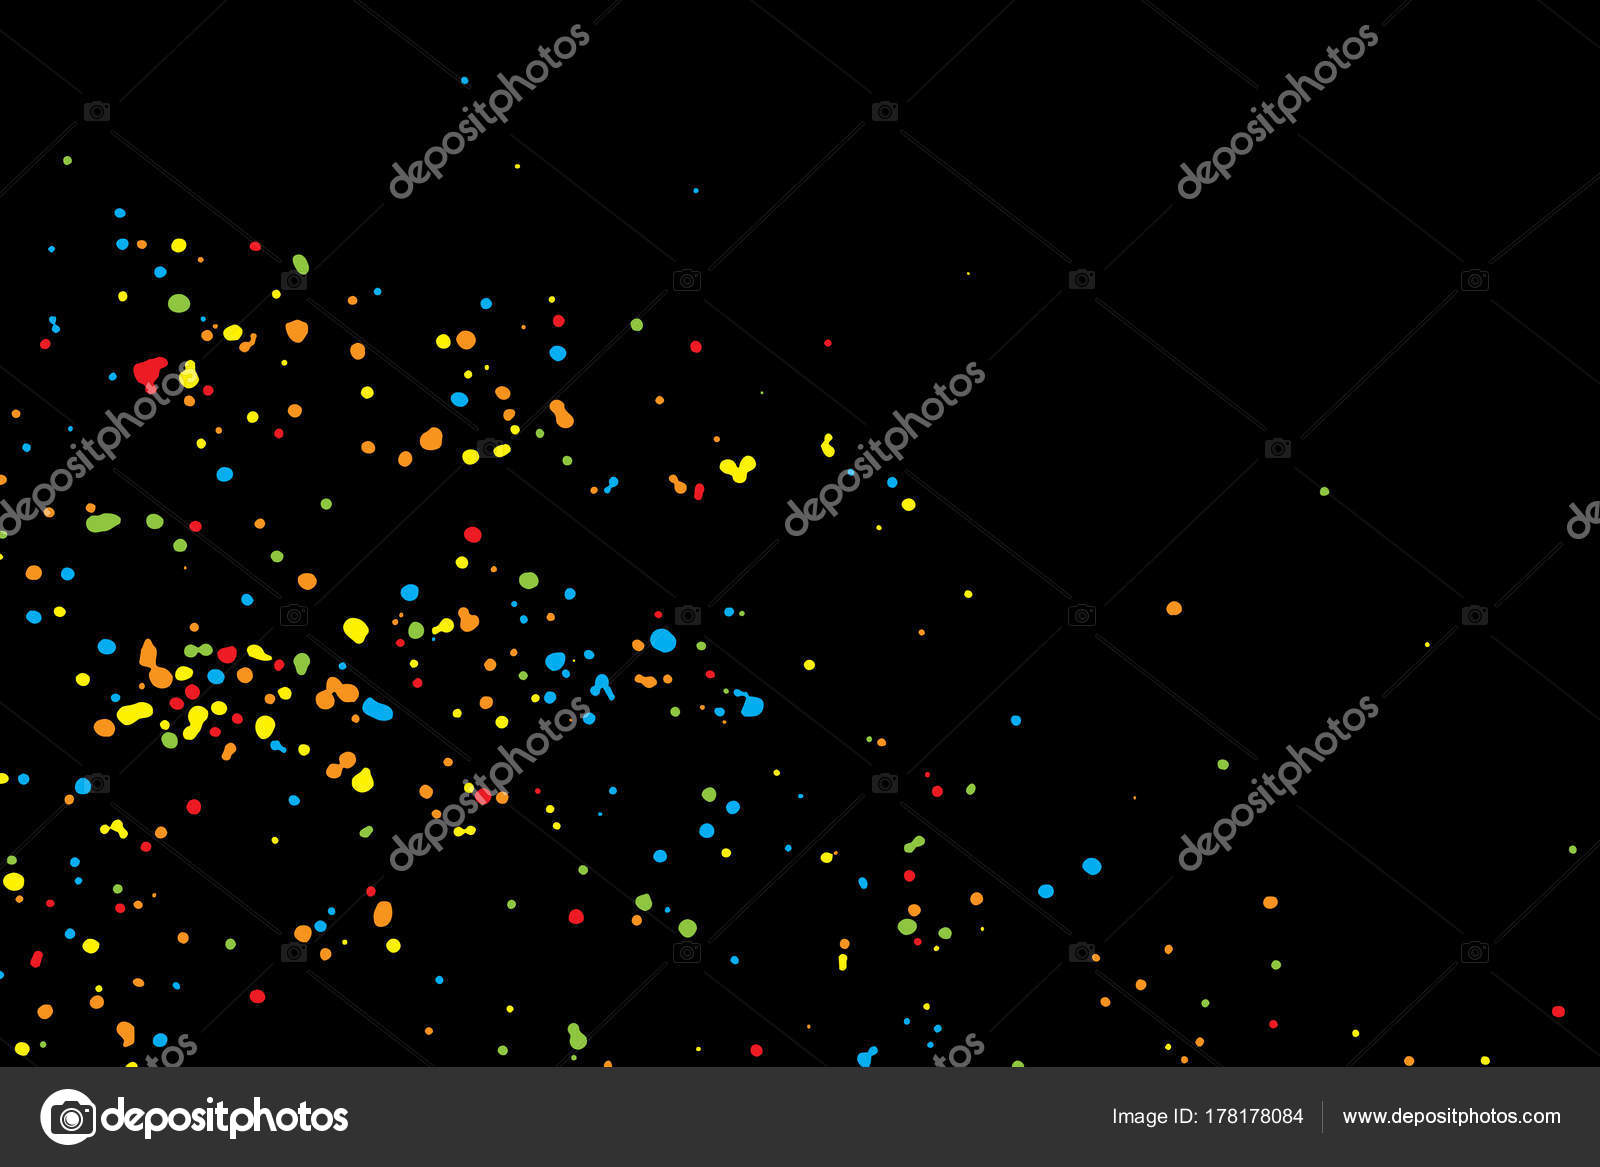 Abstract Color Splash Illustration On Black Background